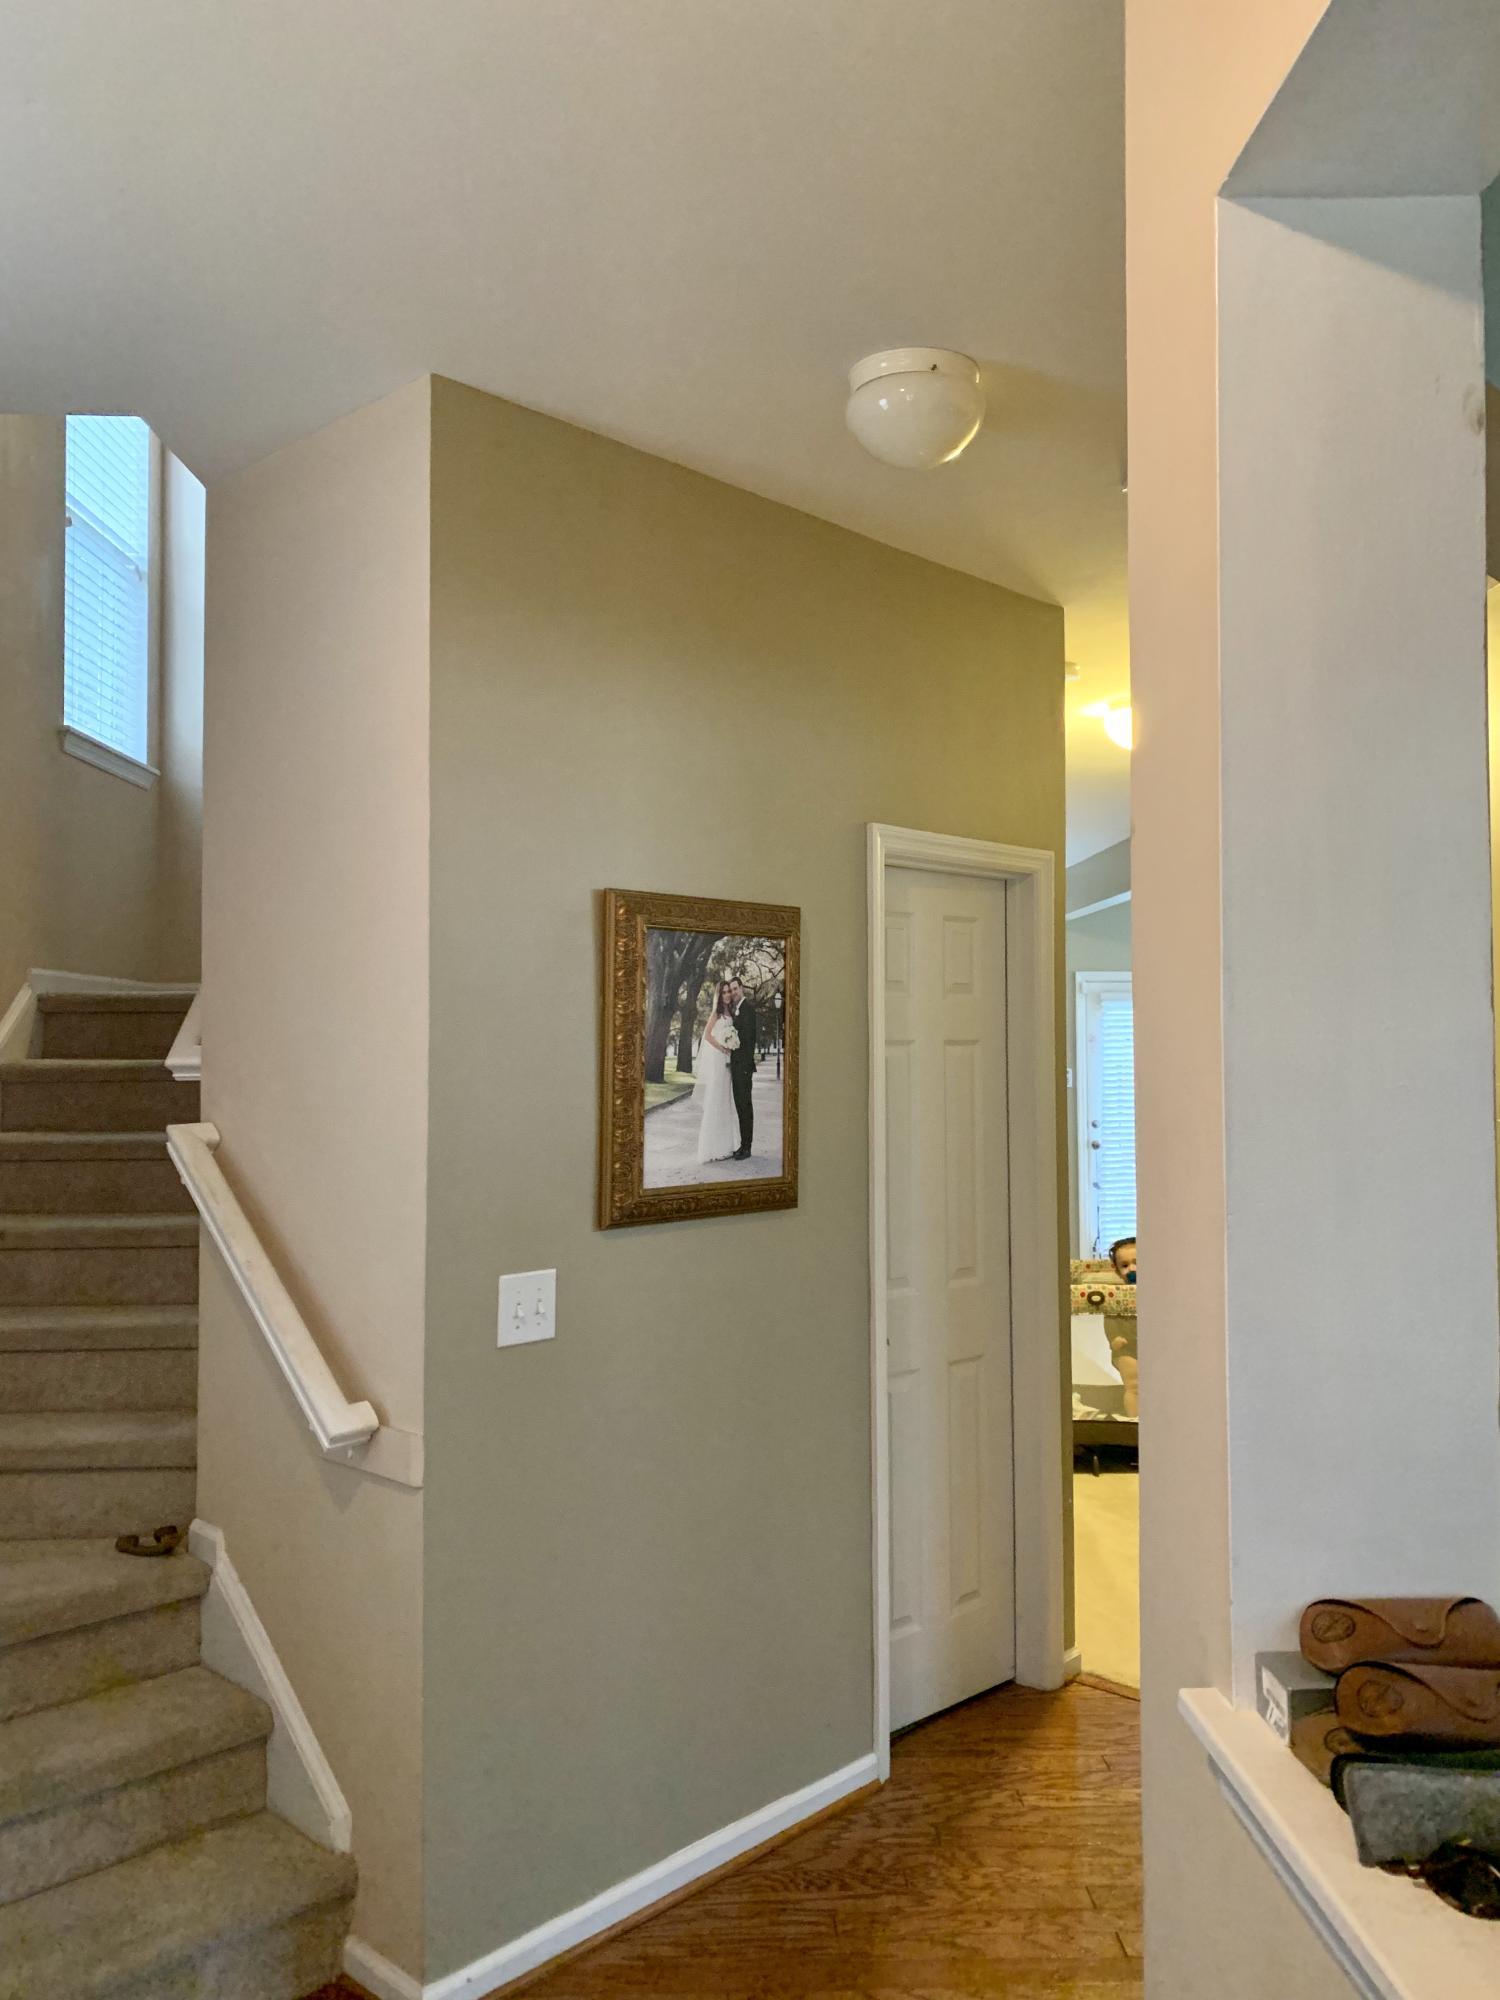 Park West Homes For Sale - 3301 Barkla, Mount Pleasant, SC - 10